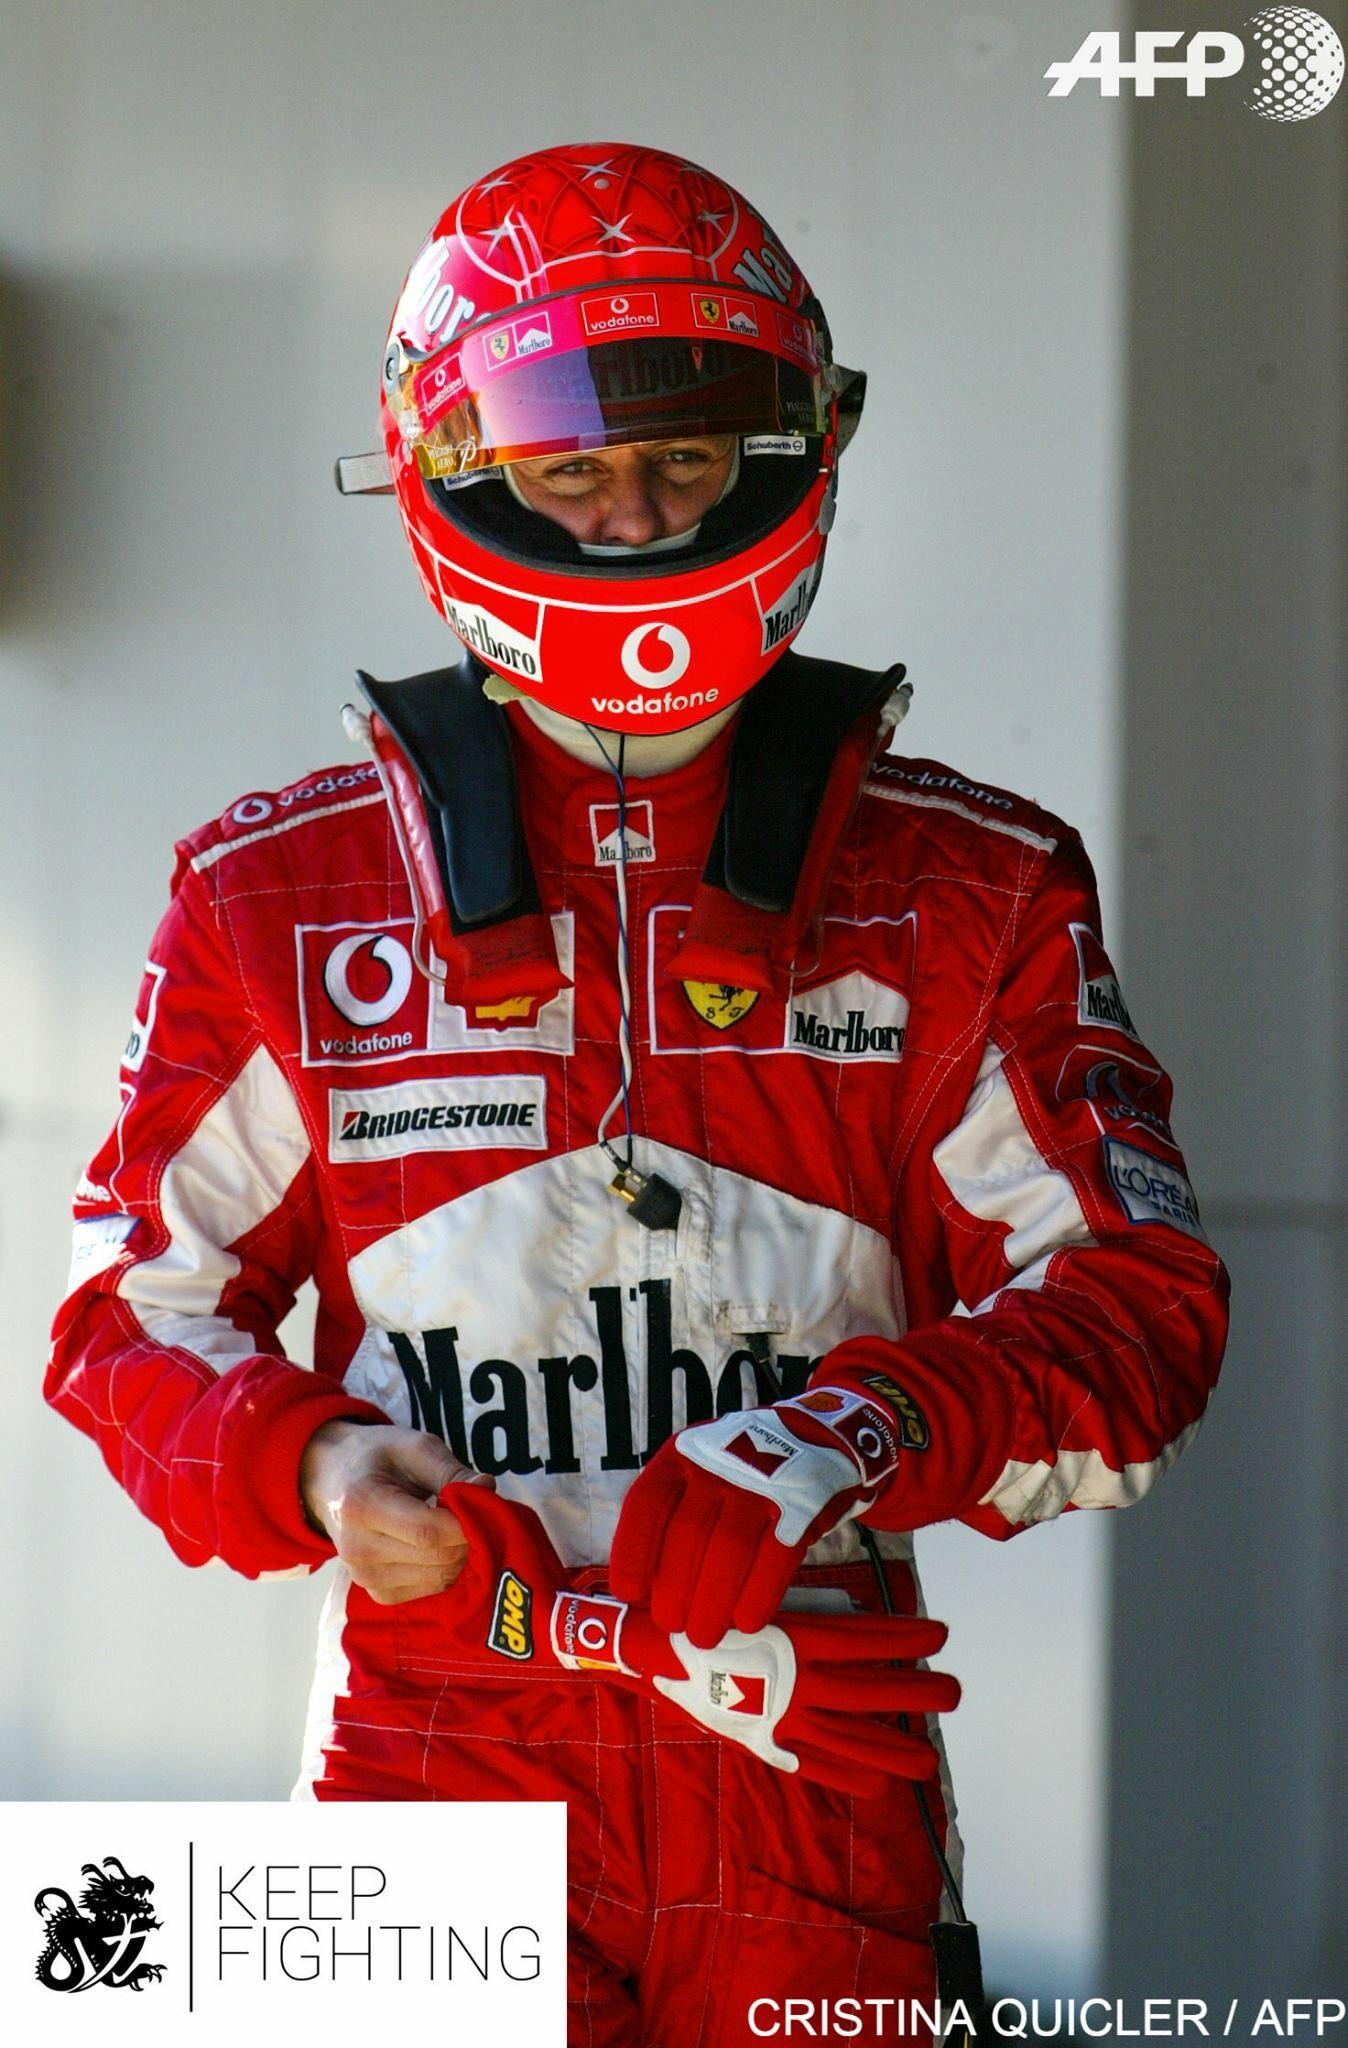 Michael Schumacher Ferrari Driver シューマッハ, フェラーリ, ミハエル